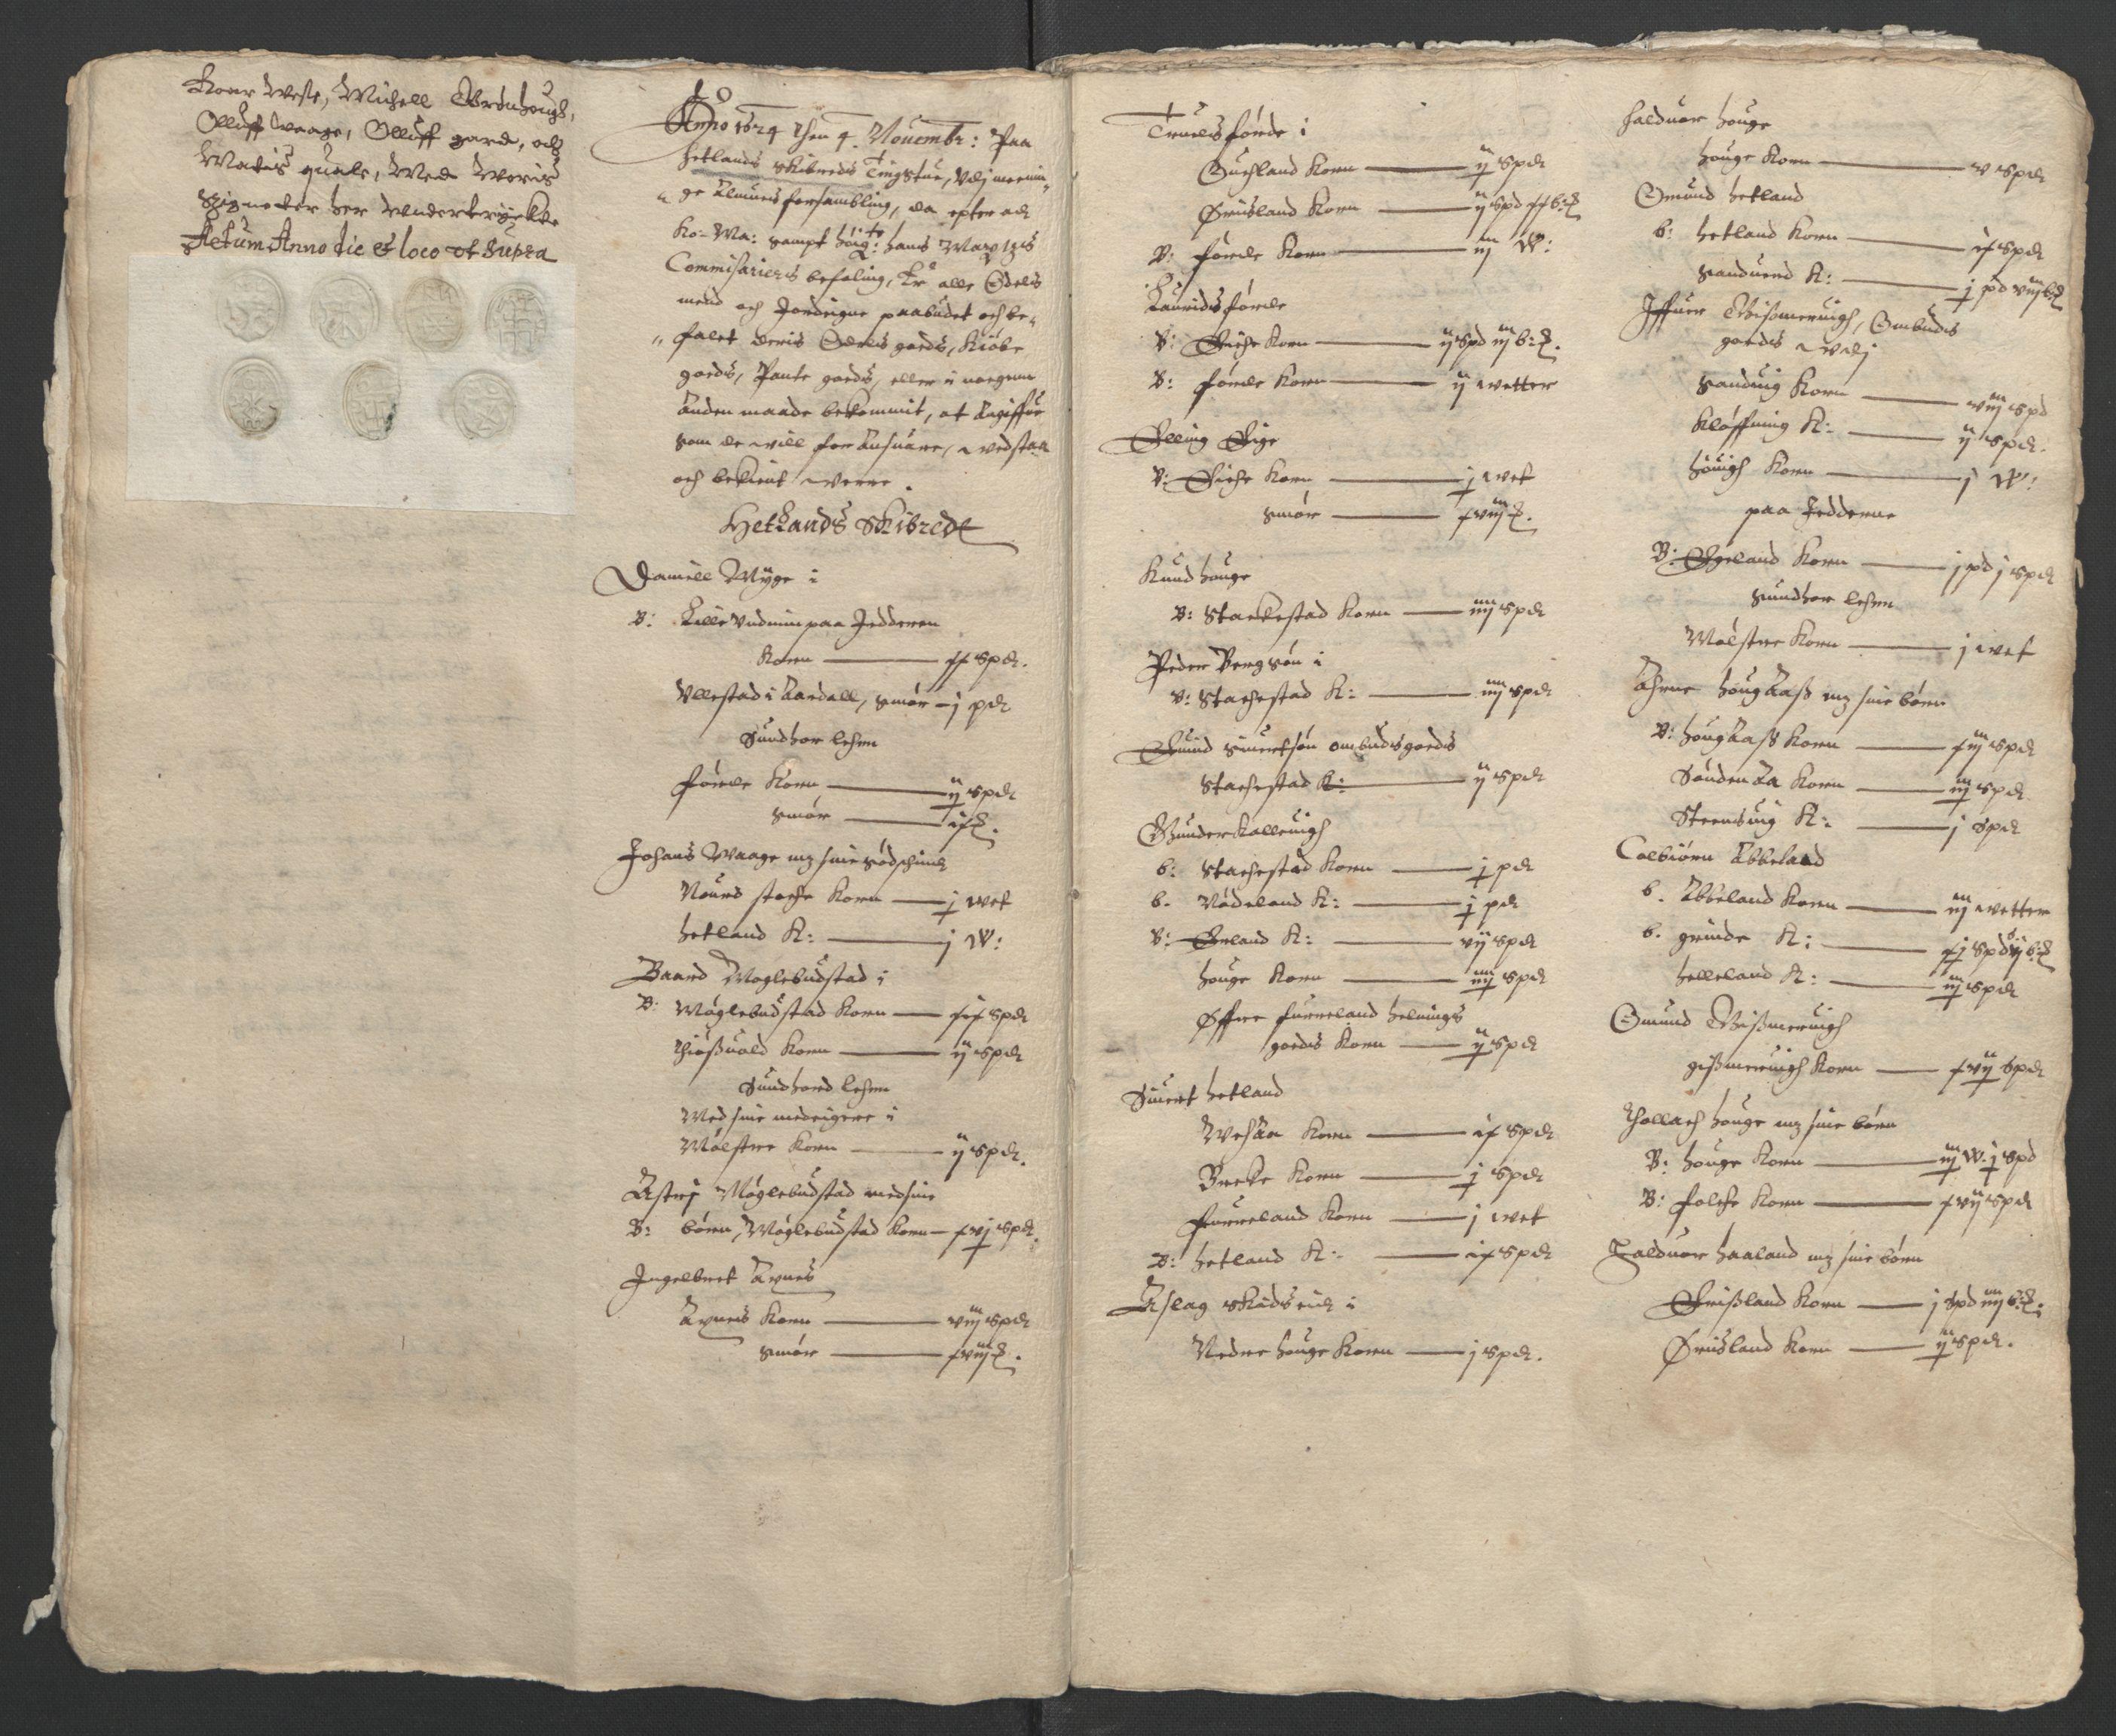 RA, Stattholderembetet 1572-1771, Ek/L0010: Jordebøker til utlikning av rosstjeneste 1624-1626:, 1624-1626, s. 11